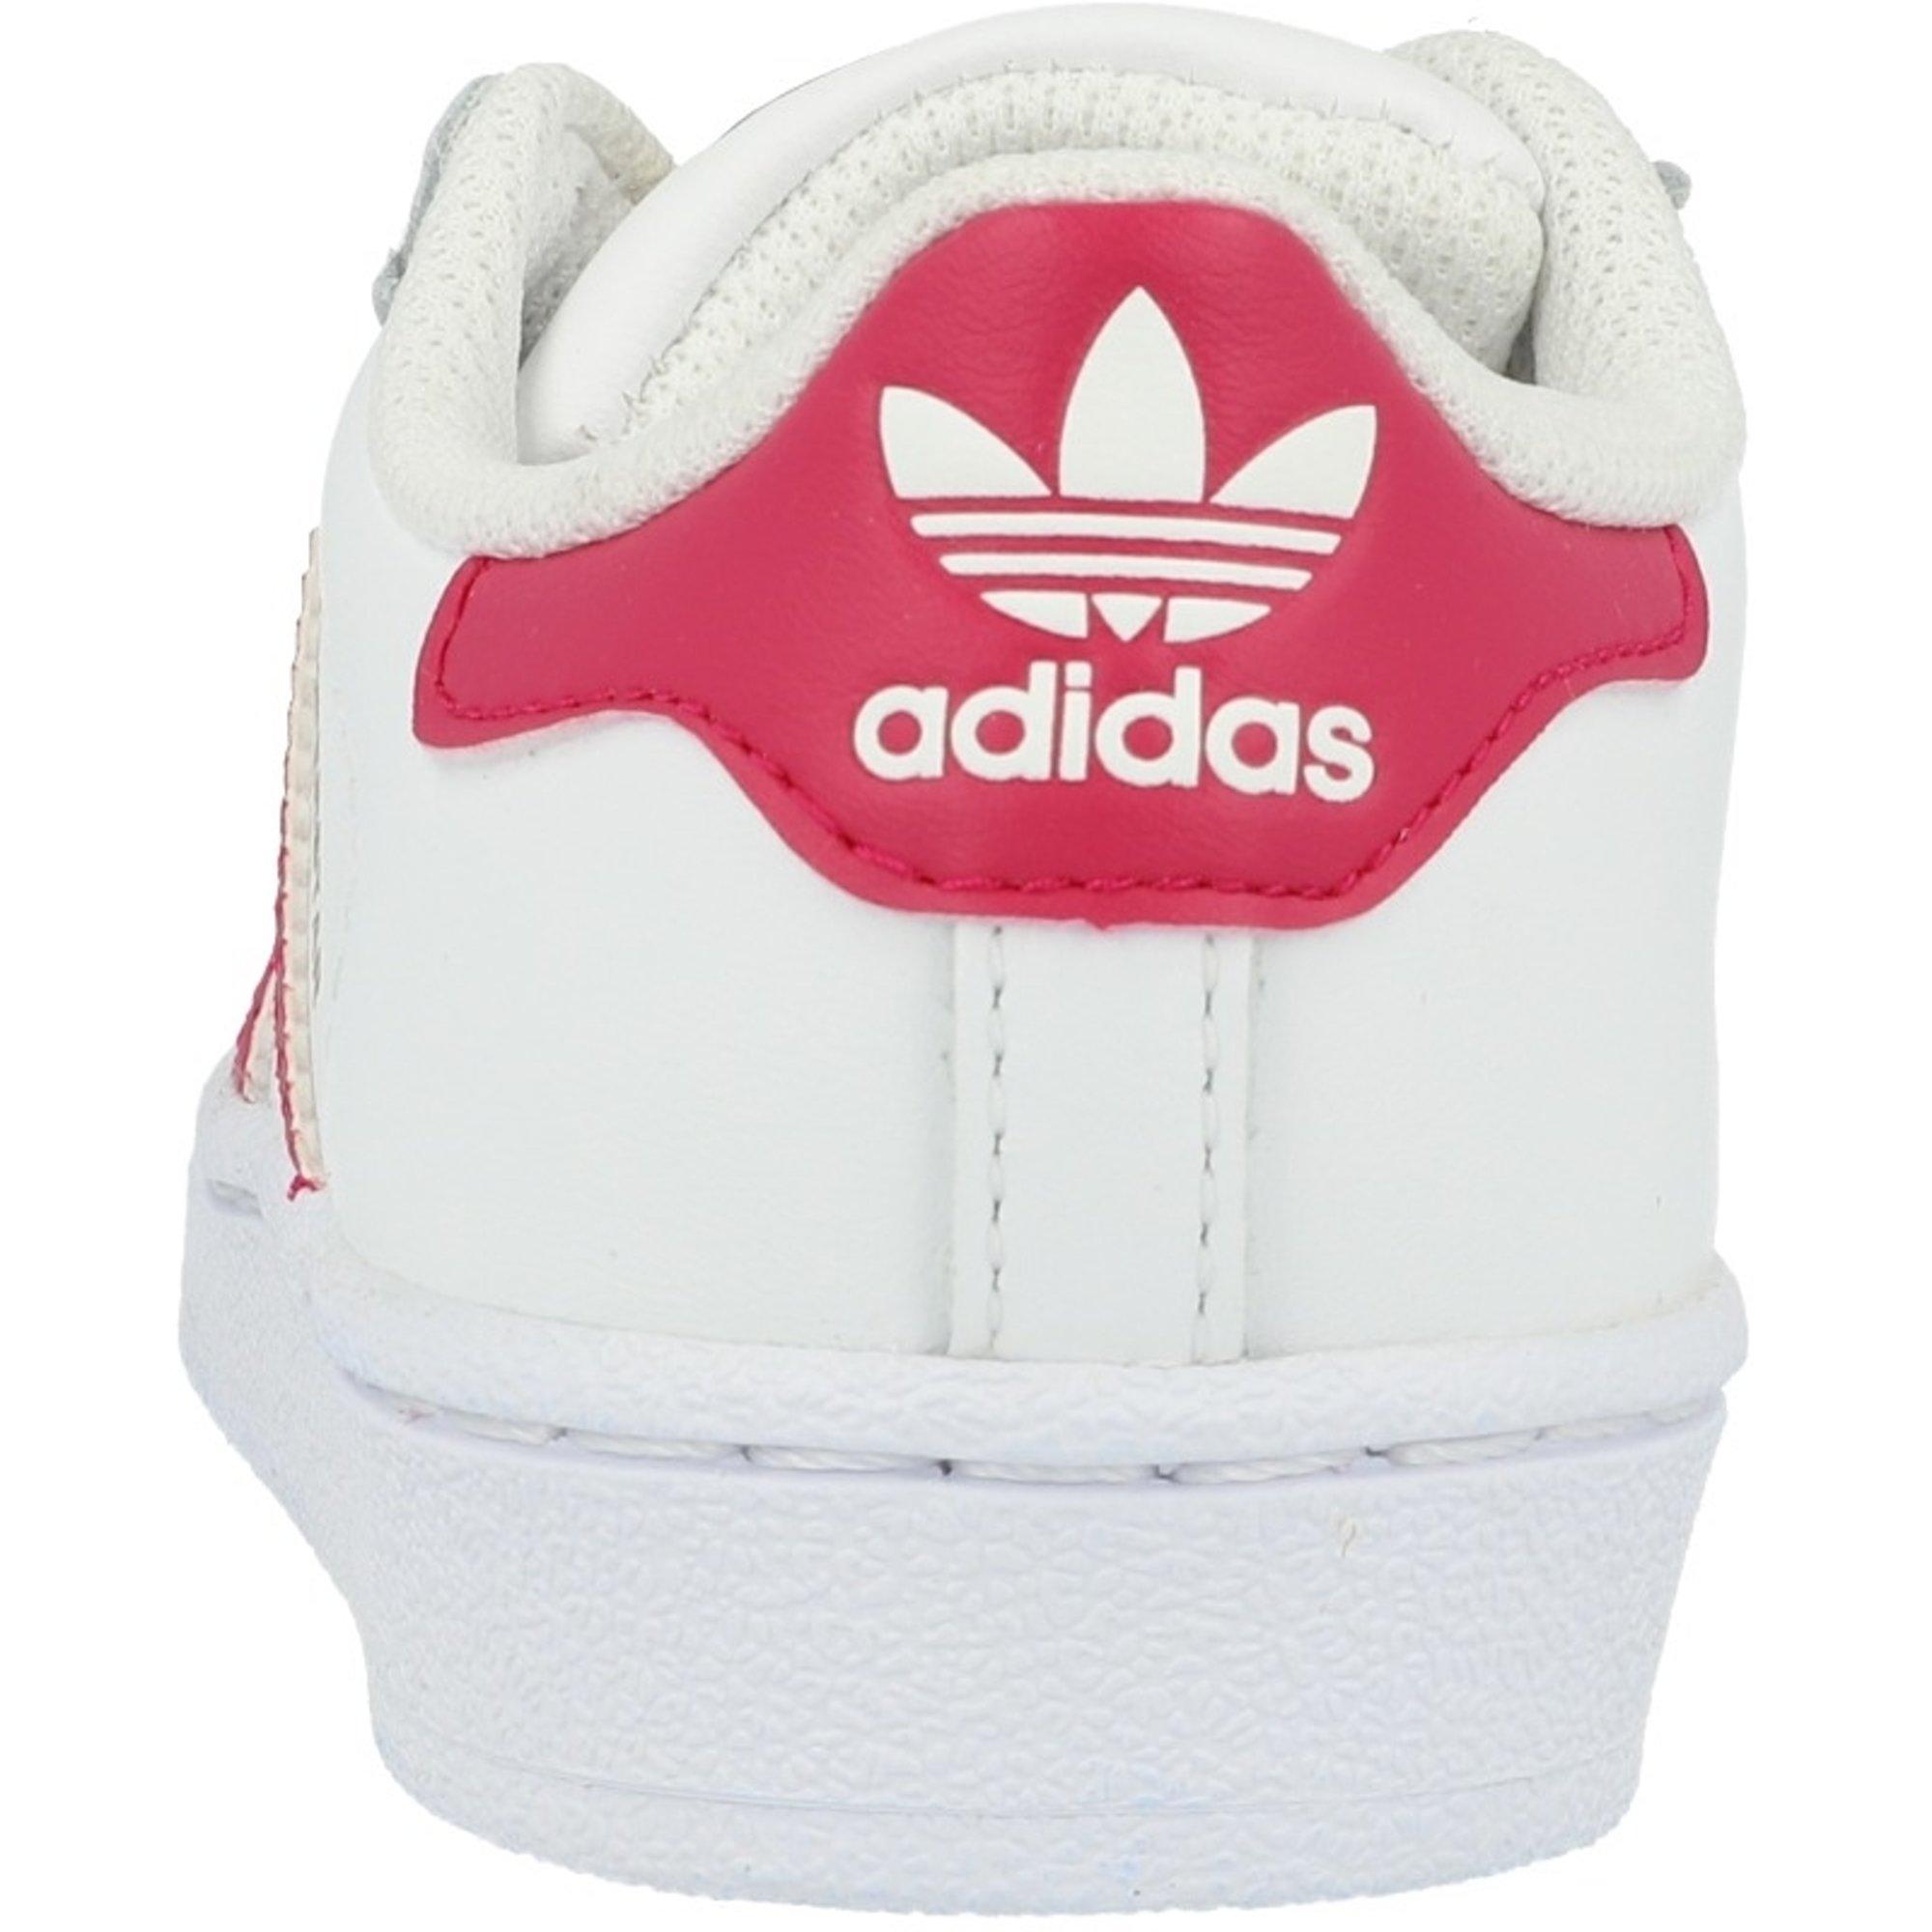 Trend adidas Originals Gazelle Rosa | adidas Originals spare